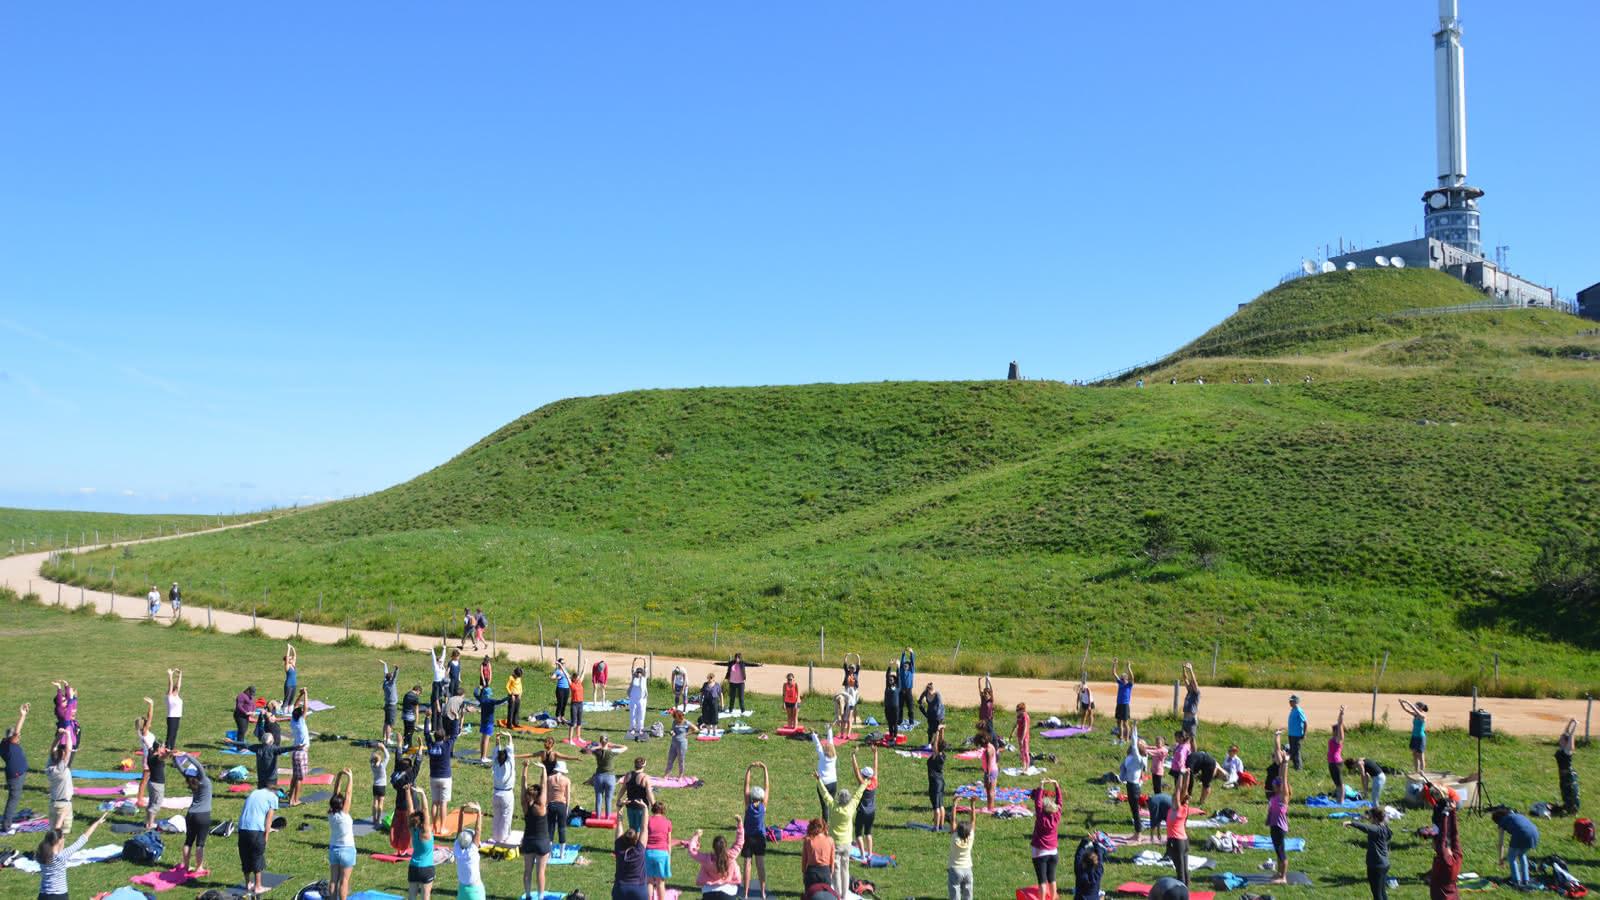 Séance yoga au sommet du puy de Dôme